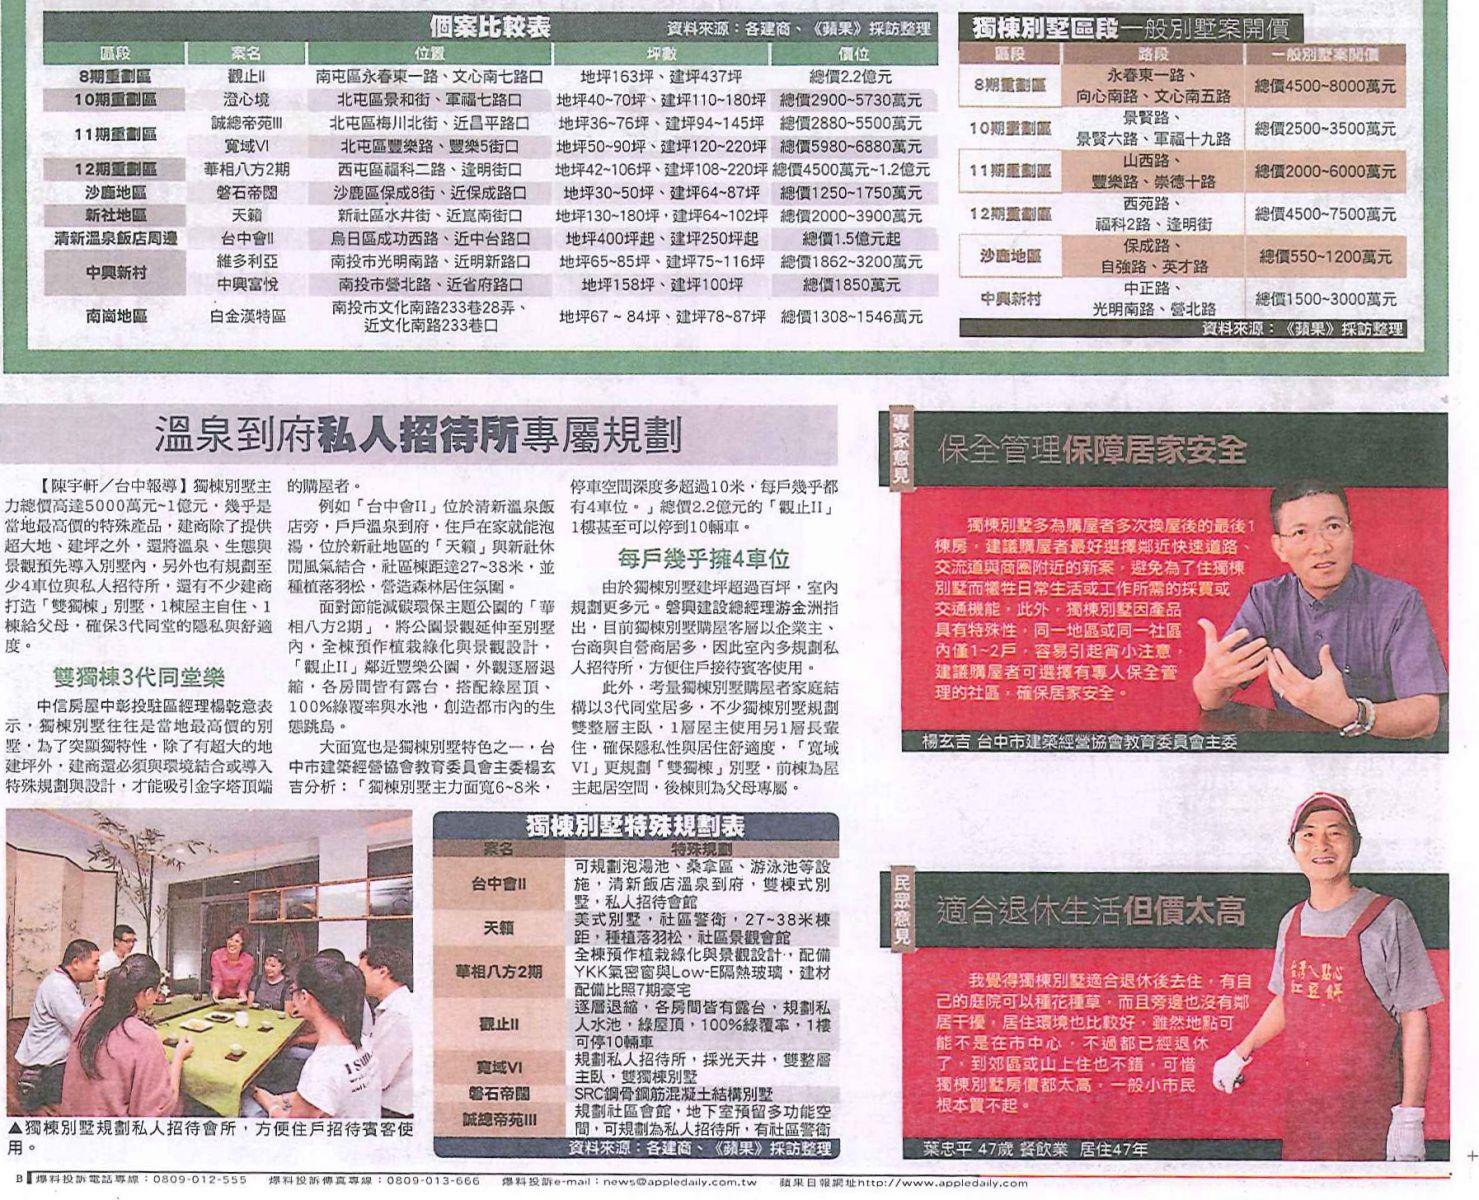 20111029 蘋果日報_溫泉到府 私人招待所專屬規劃